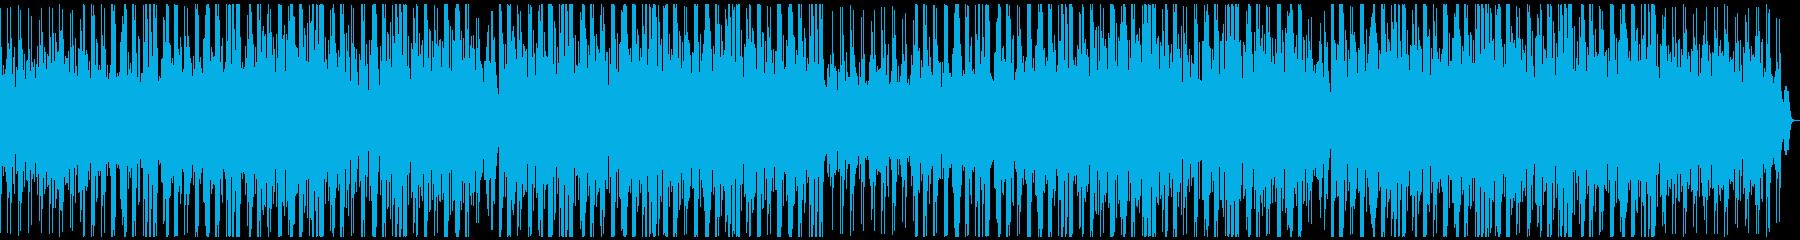 ストリングス 冬のFuture Bassの再生済みの波形